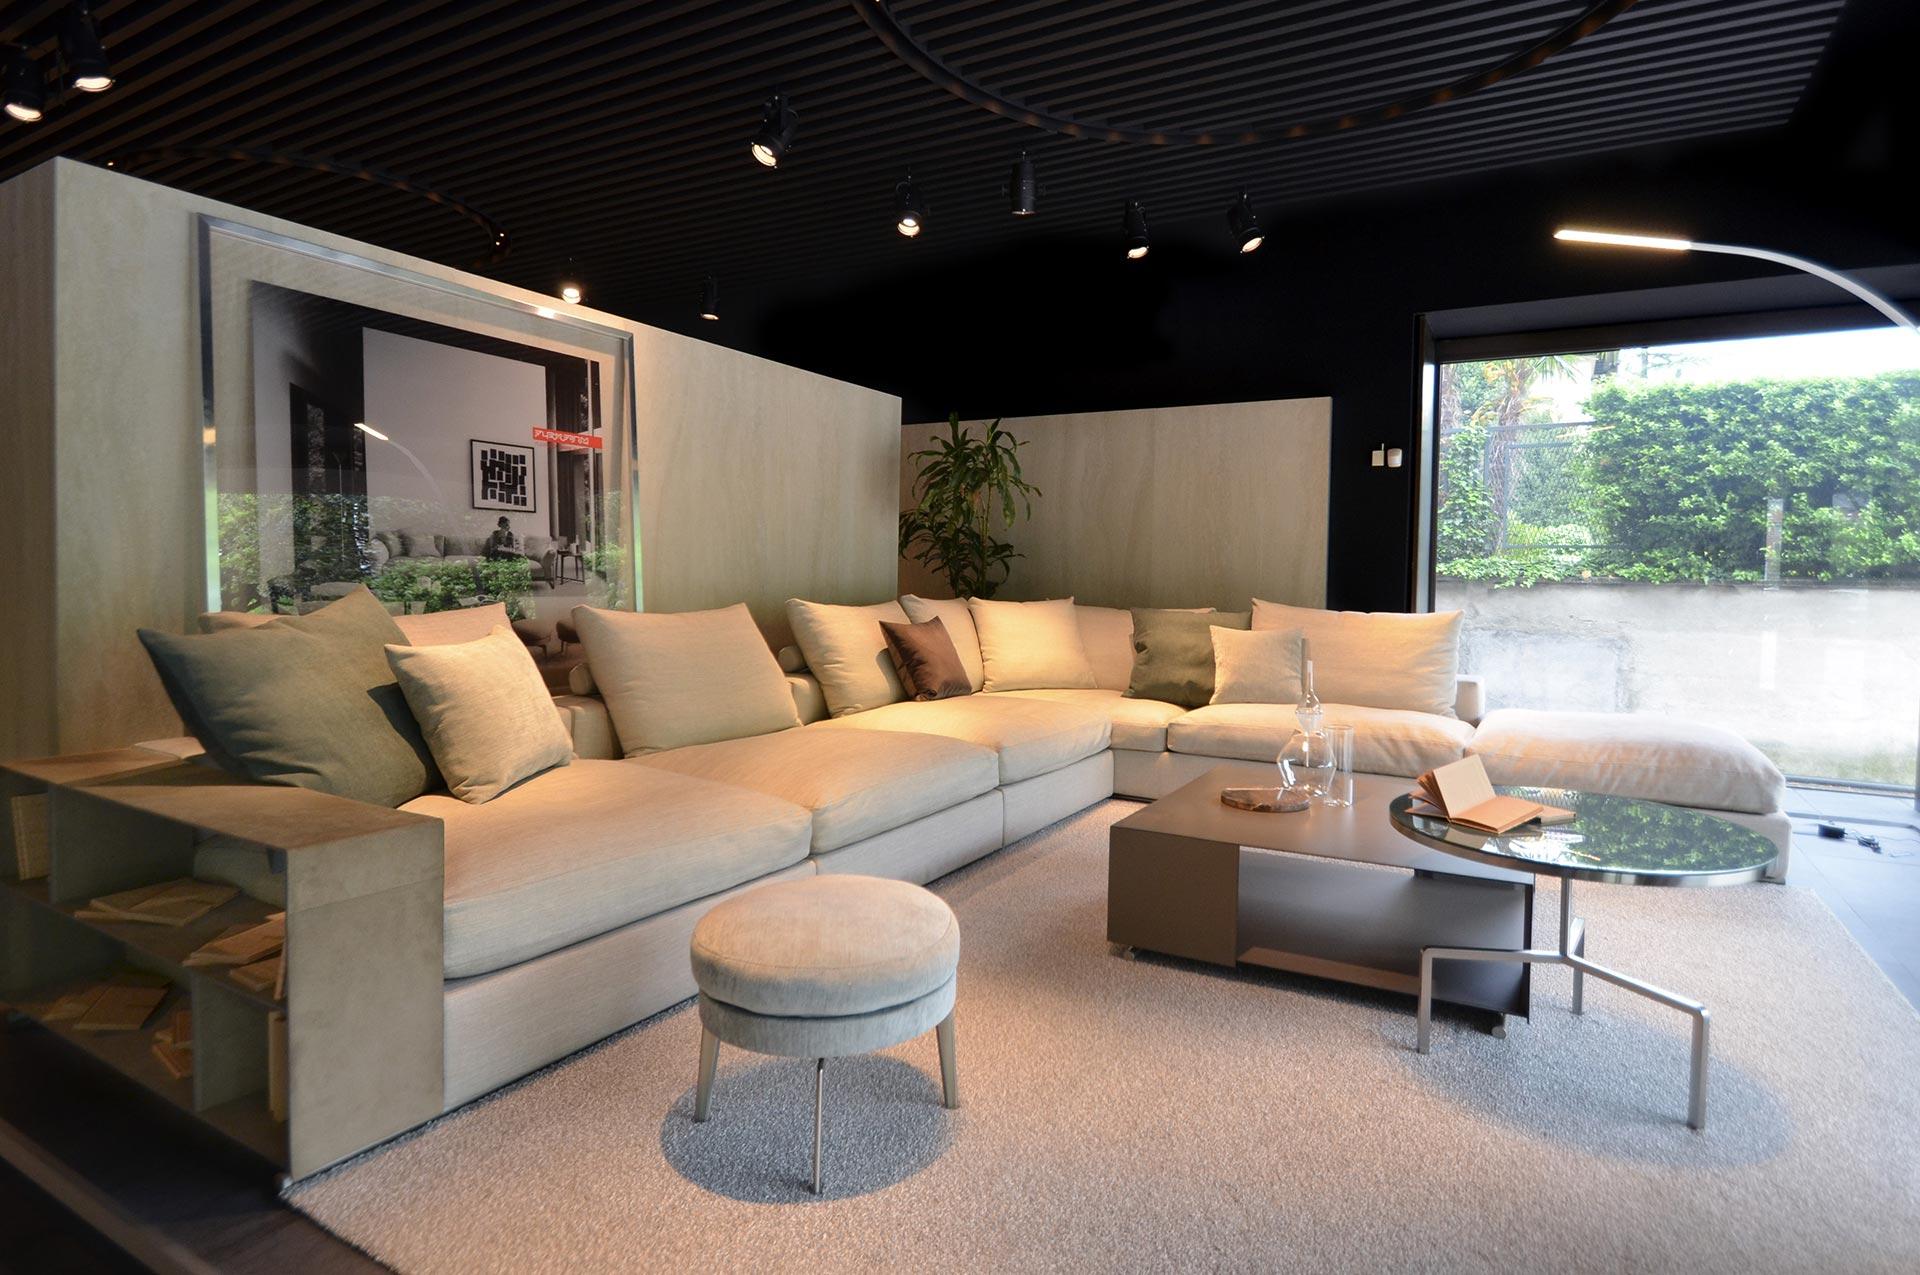 Geschäfte como lago showroom flexform flexform como gerosa